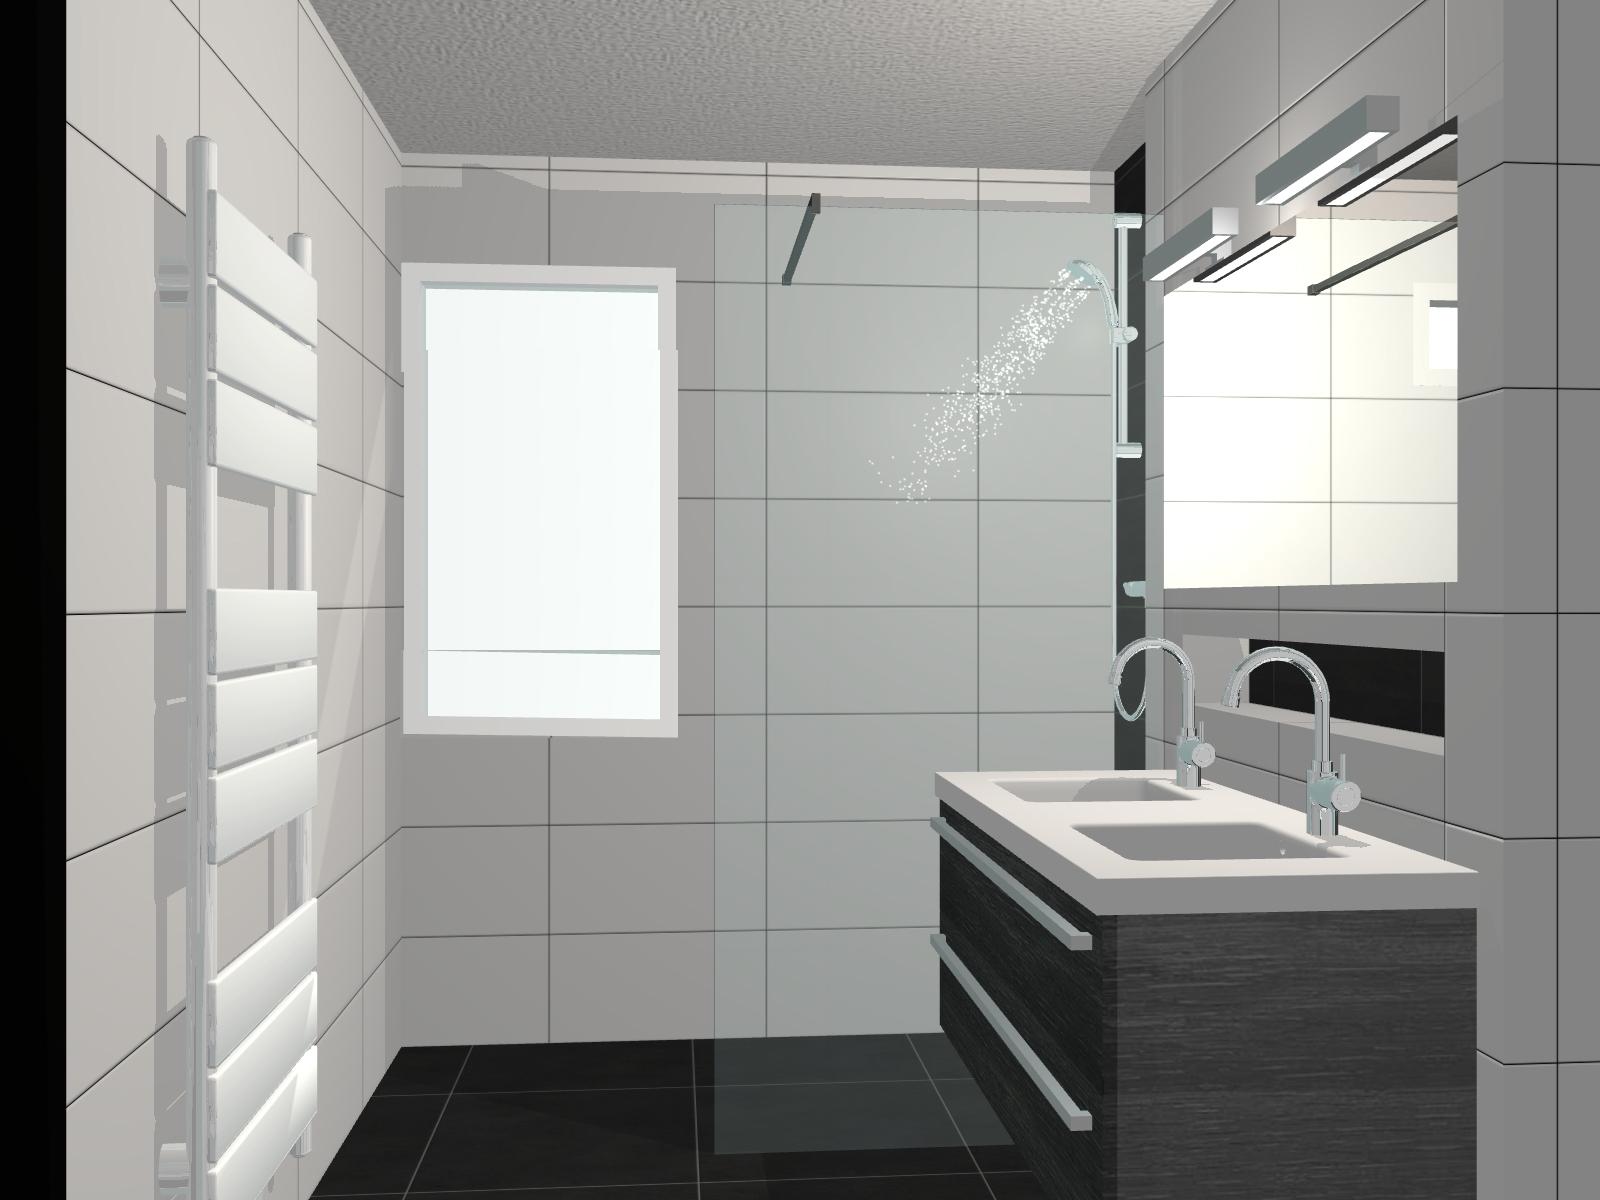 Badkamerinstallateur gezocht midwolda badkamer verbouwen - Badkamer in m ...